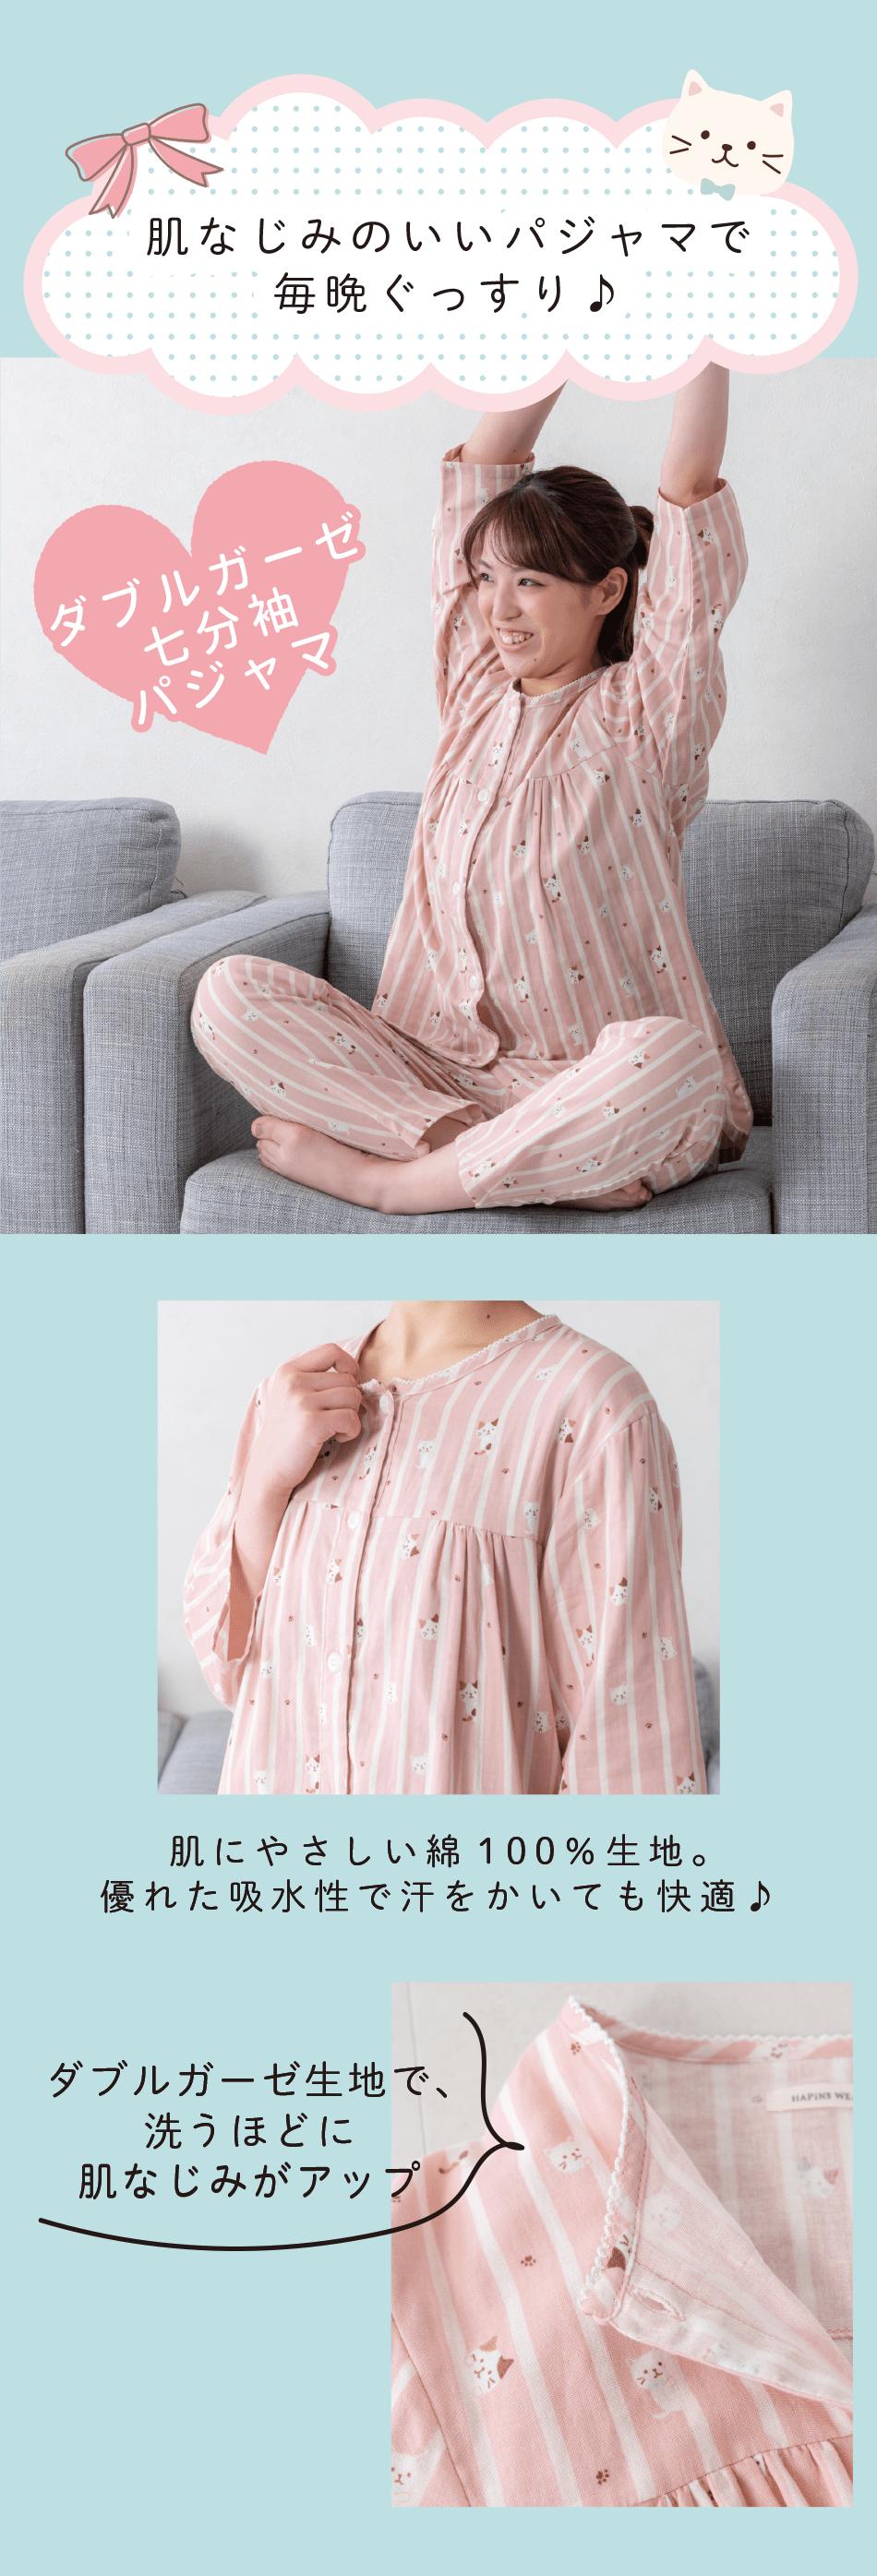 肌なじみのいいダブルガーゼパジャマ。にゃんこ柄&優しいピンク色の生地がかわいい。母の日のプレゼントにぴったりです。